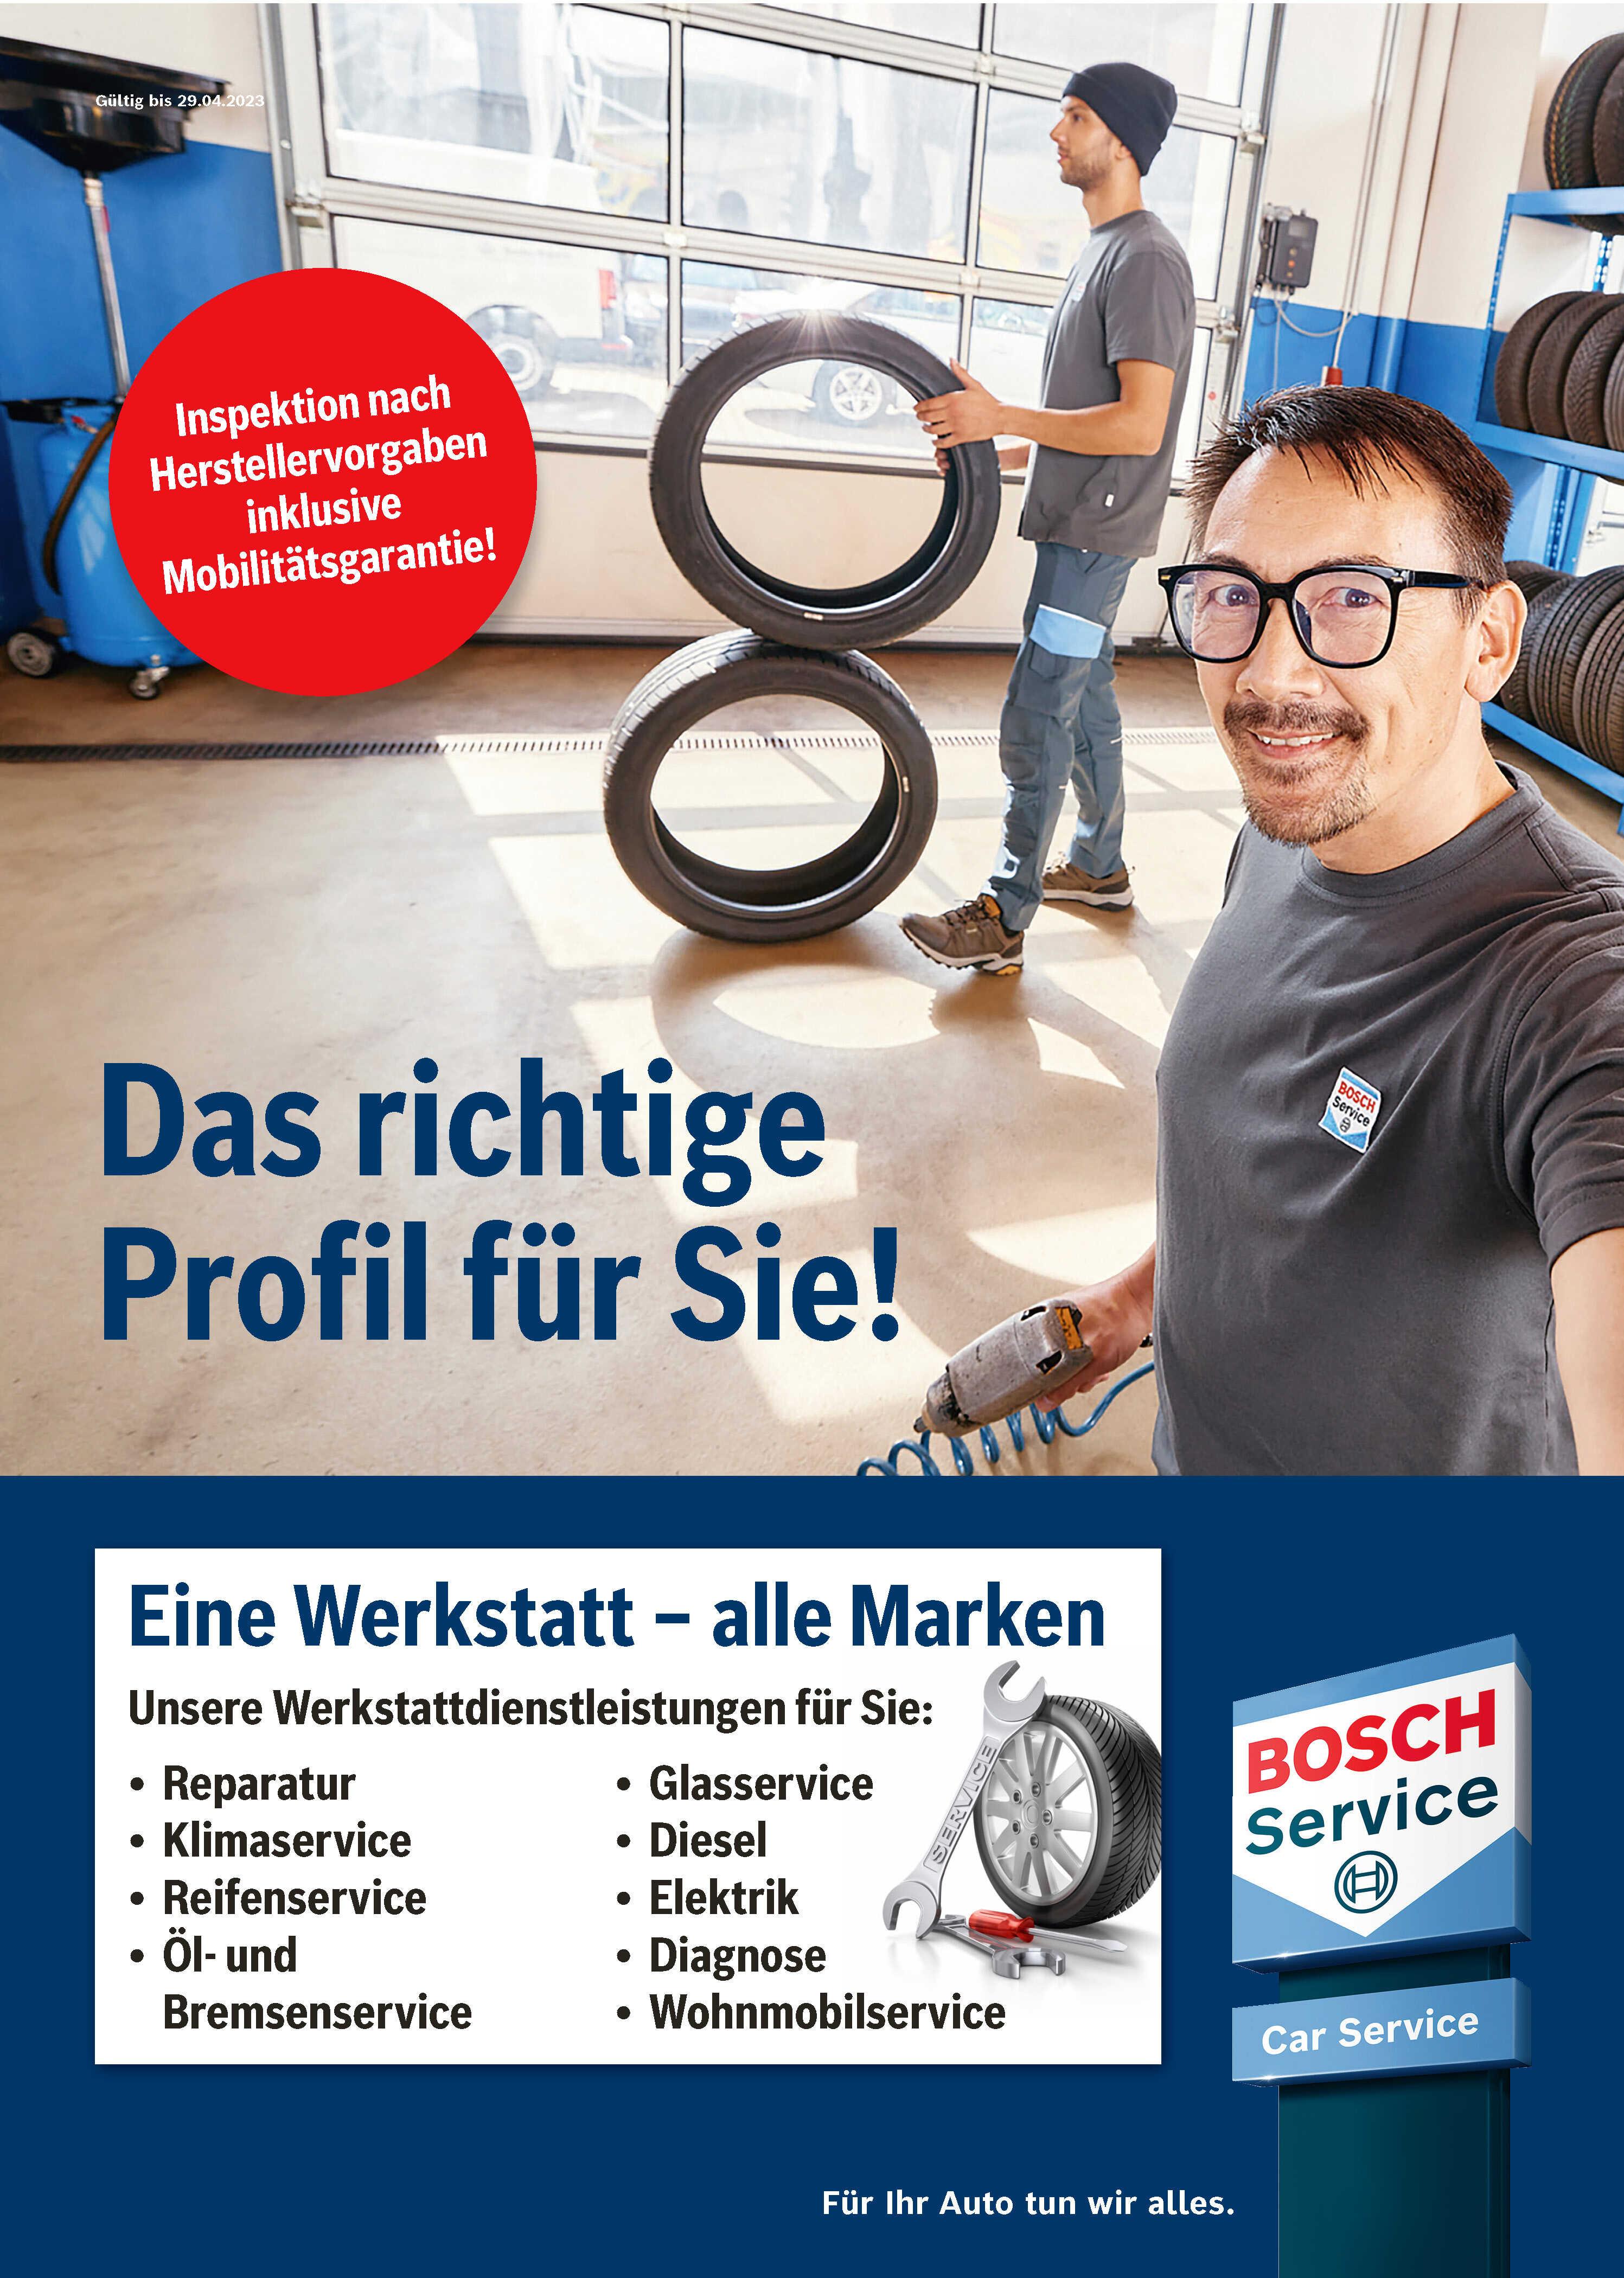 Aktueller Bosch Serivce Prospekt